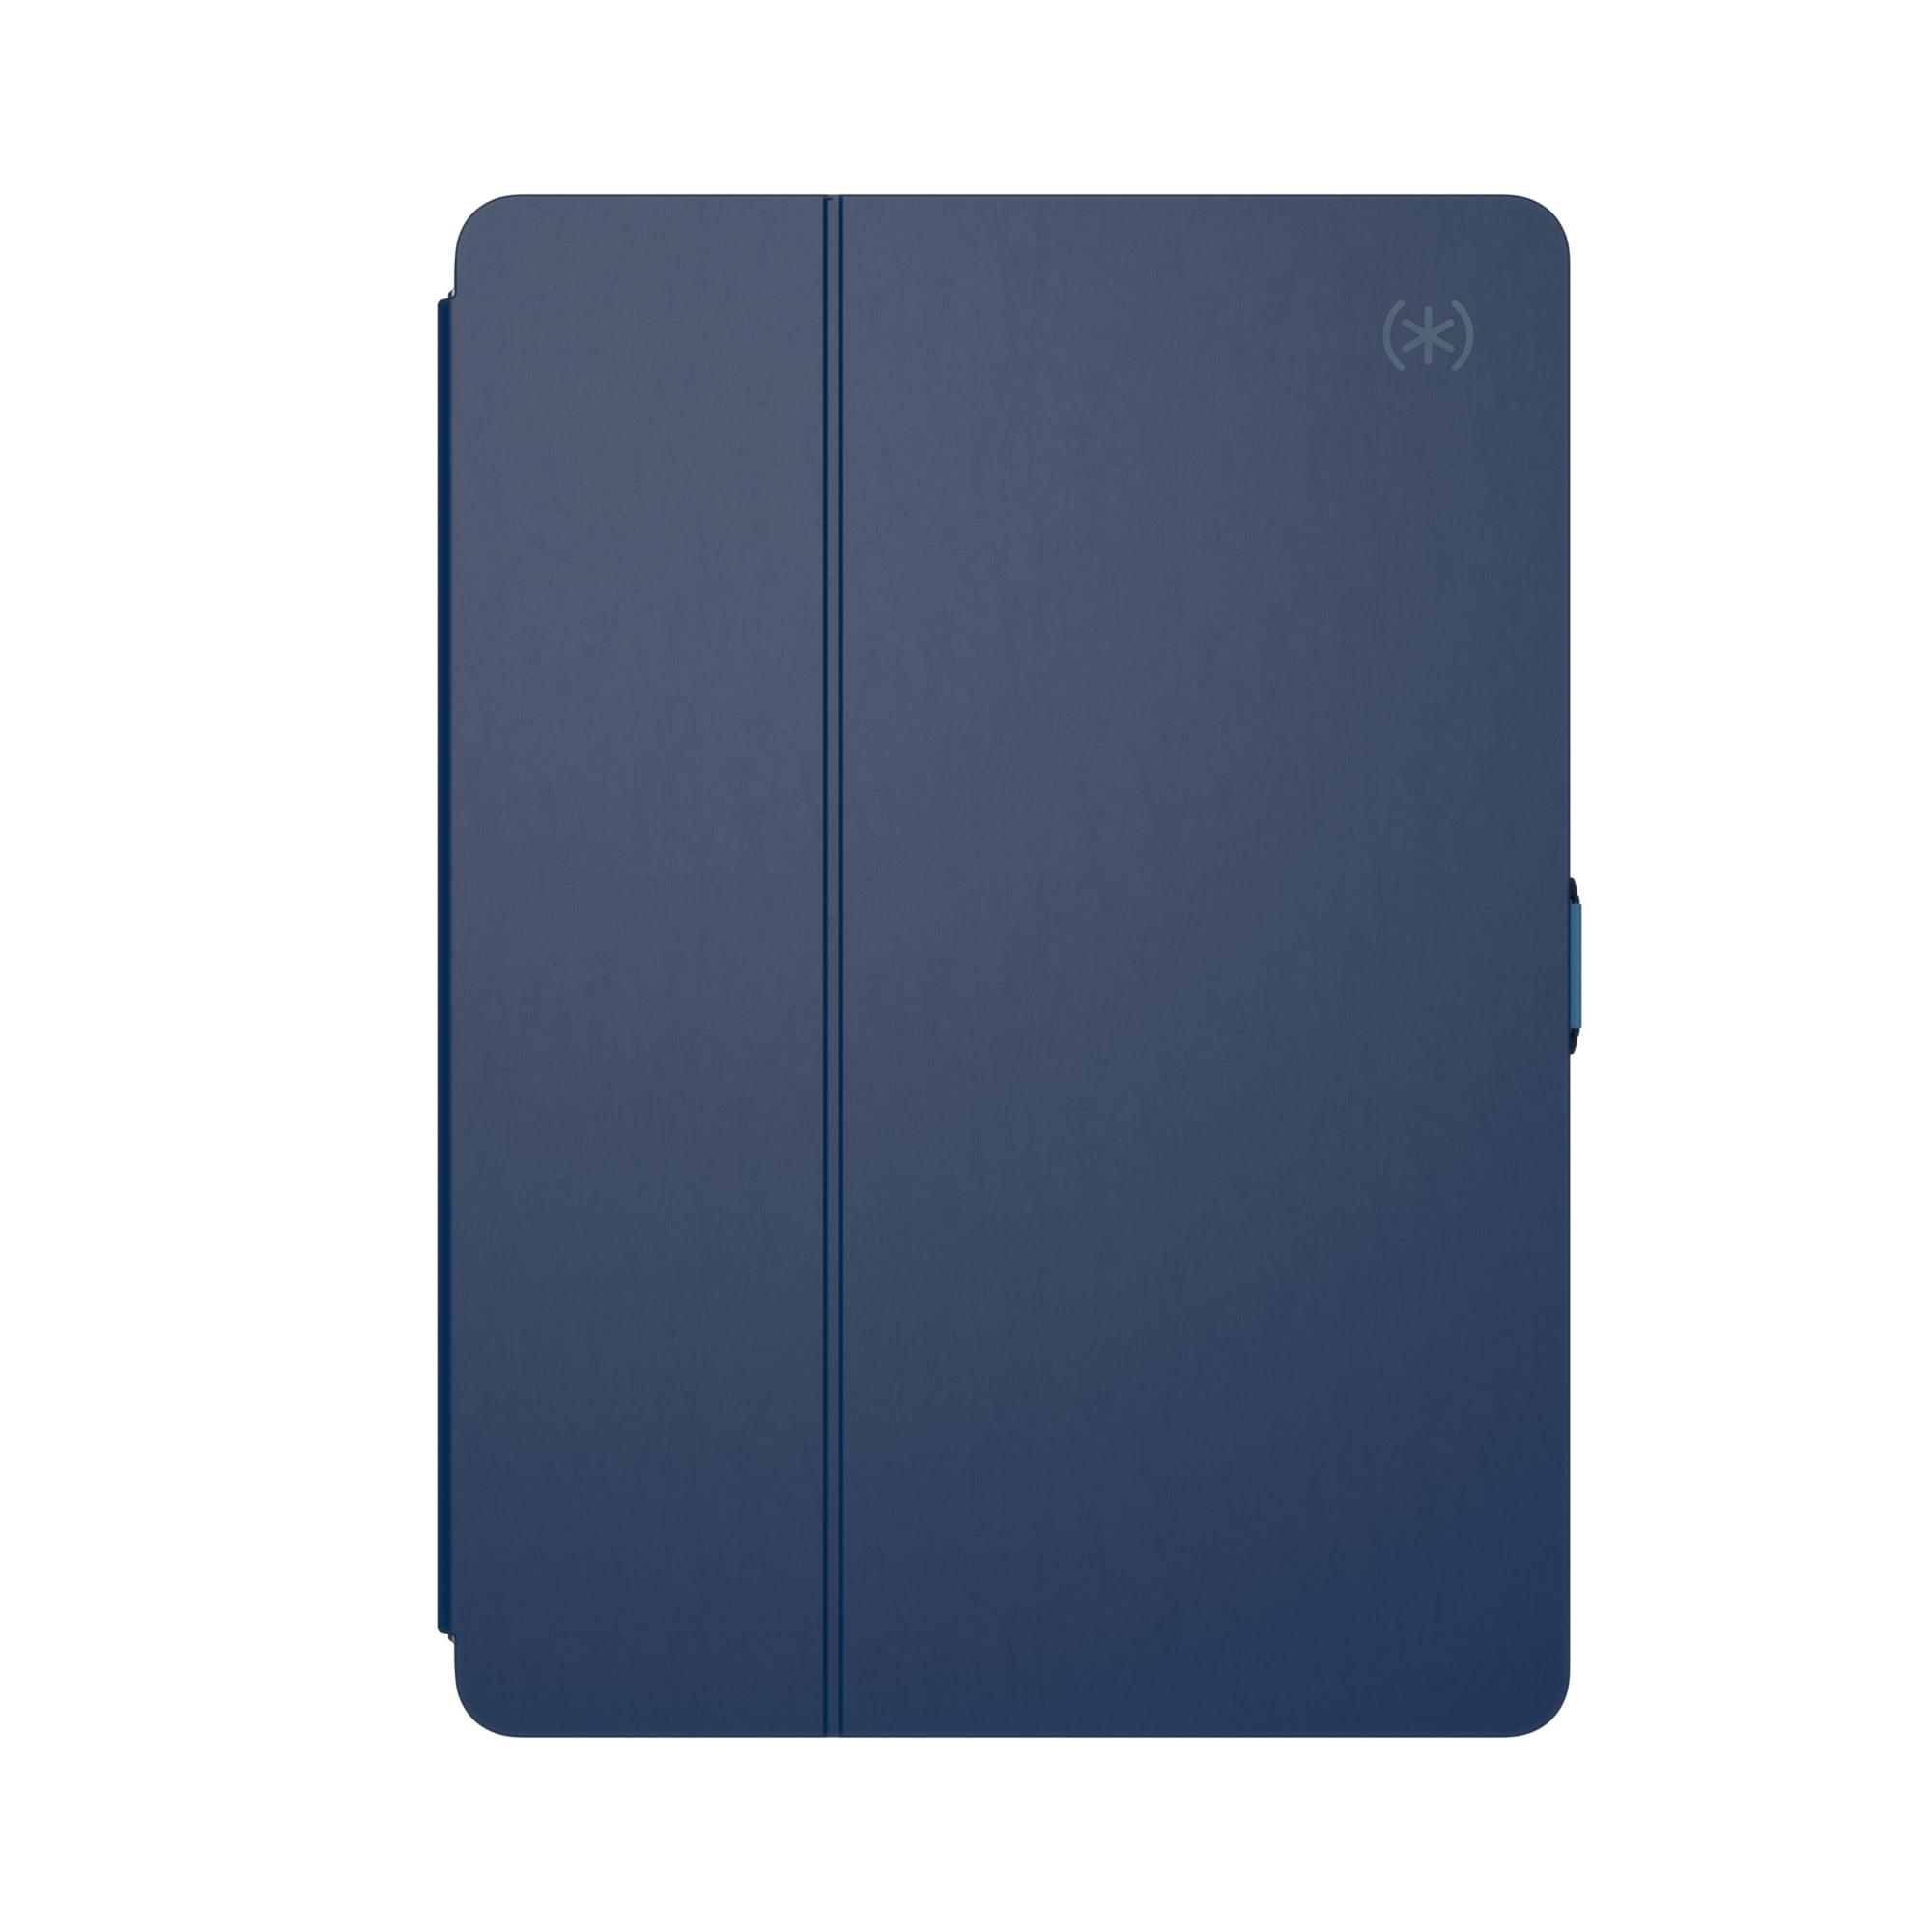 promo code fe1ec 0e66e Speck Product Ipad Stylefolio 10.5 Pro Case Blue/grey – Walmart ...